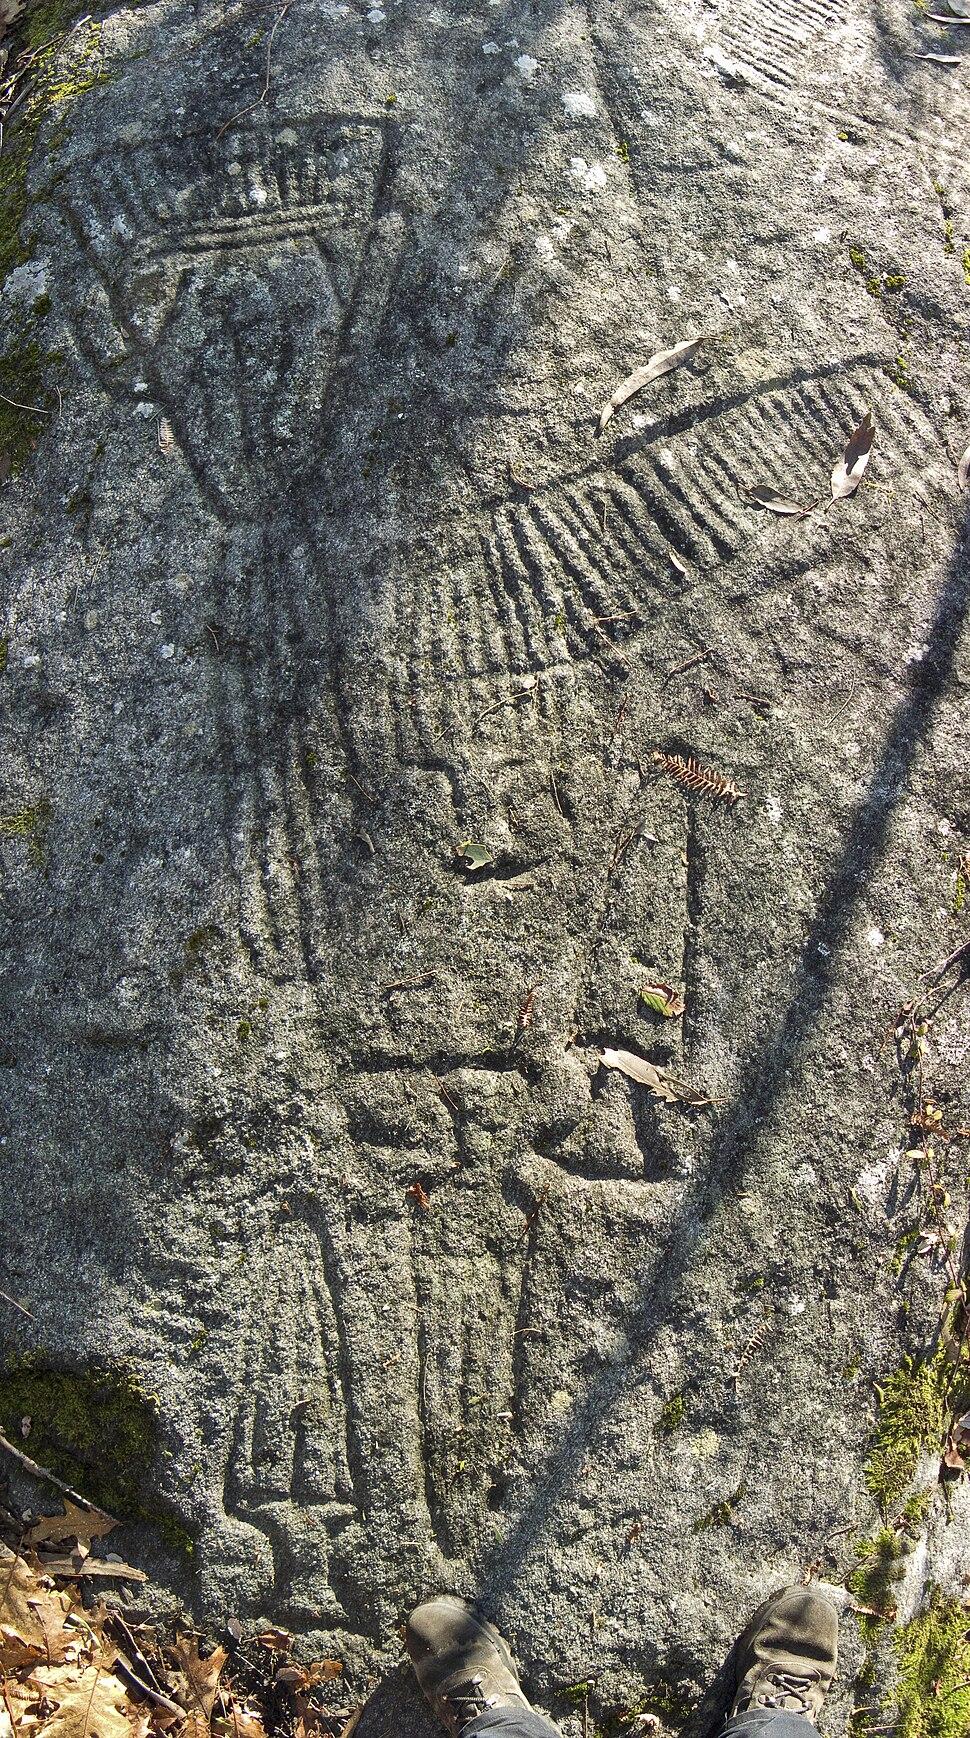 Petroglifos do Castrinho de Conxo